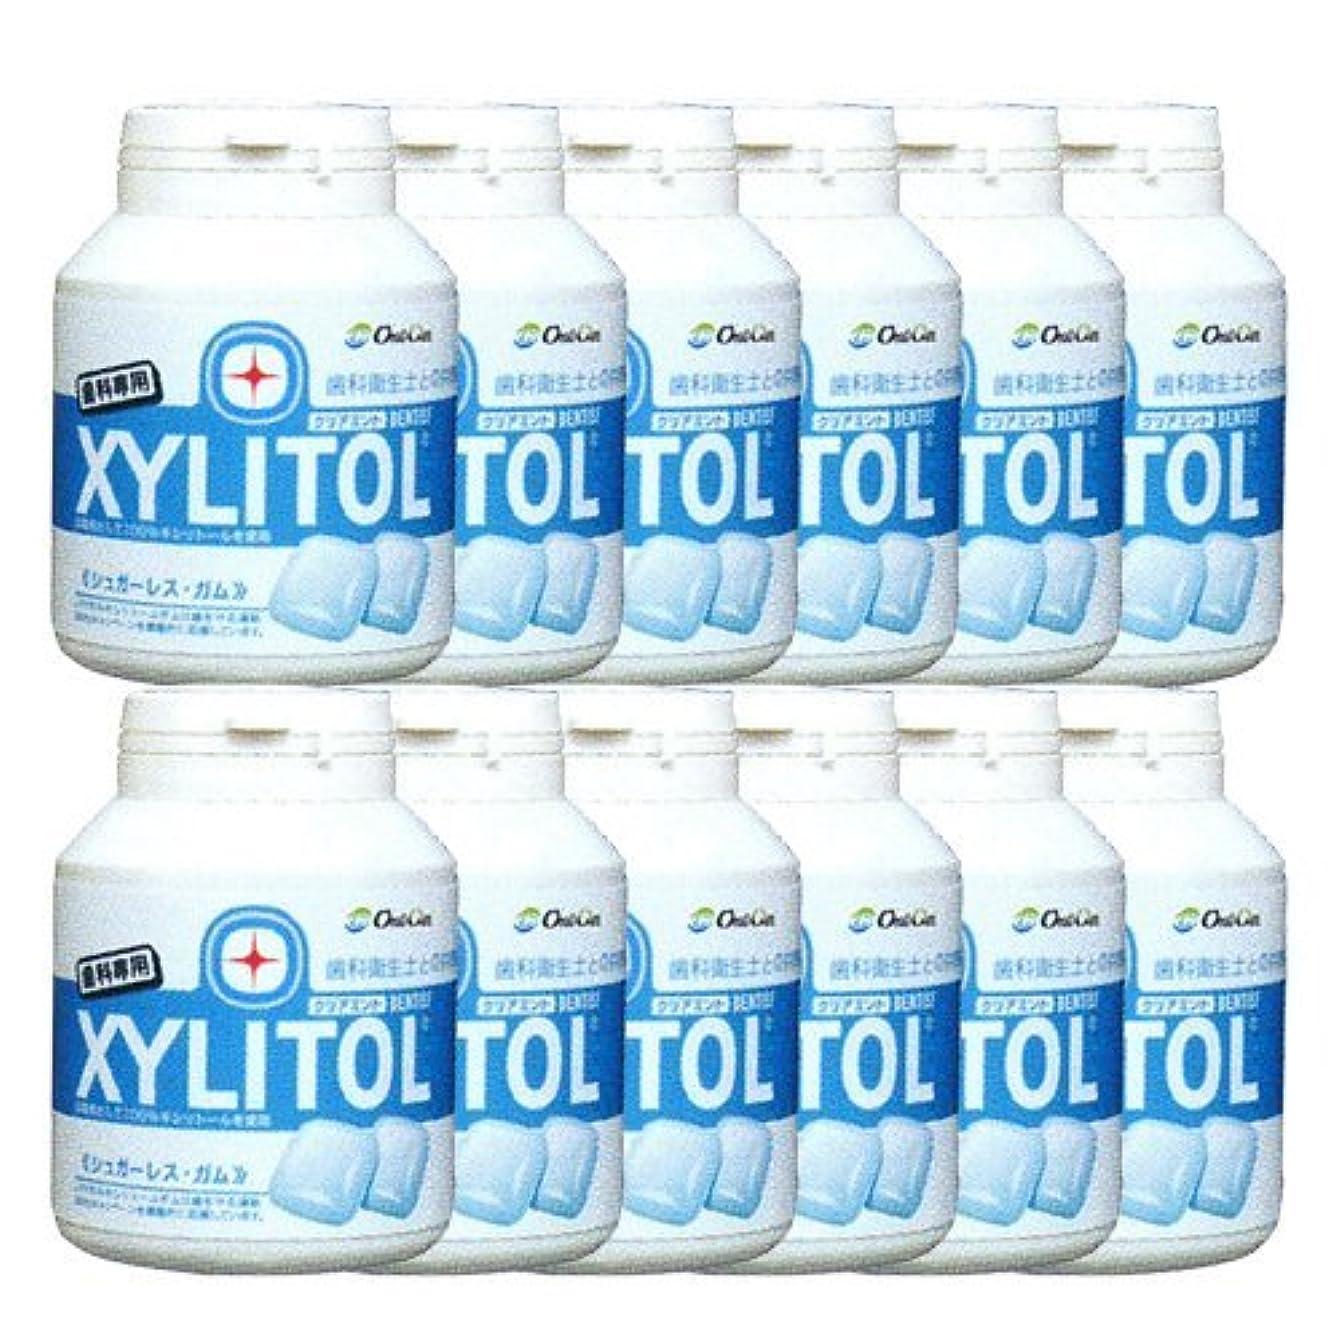 選出するつらいアルファベット順歯科専売品 キシリトール ガム ボトル タイプ 90粒×12本 クリアミント キシリトール 100%